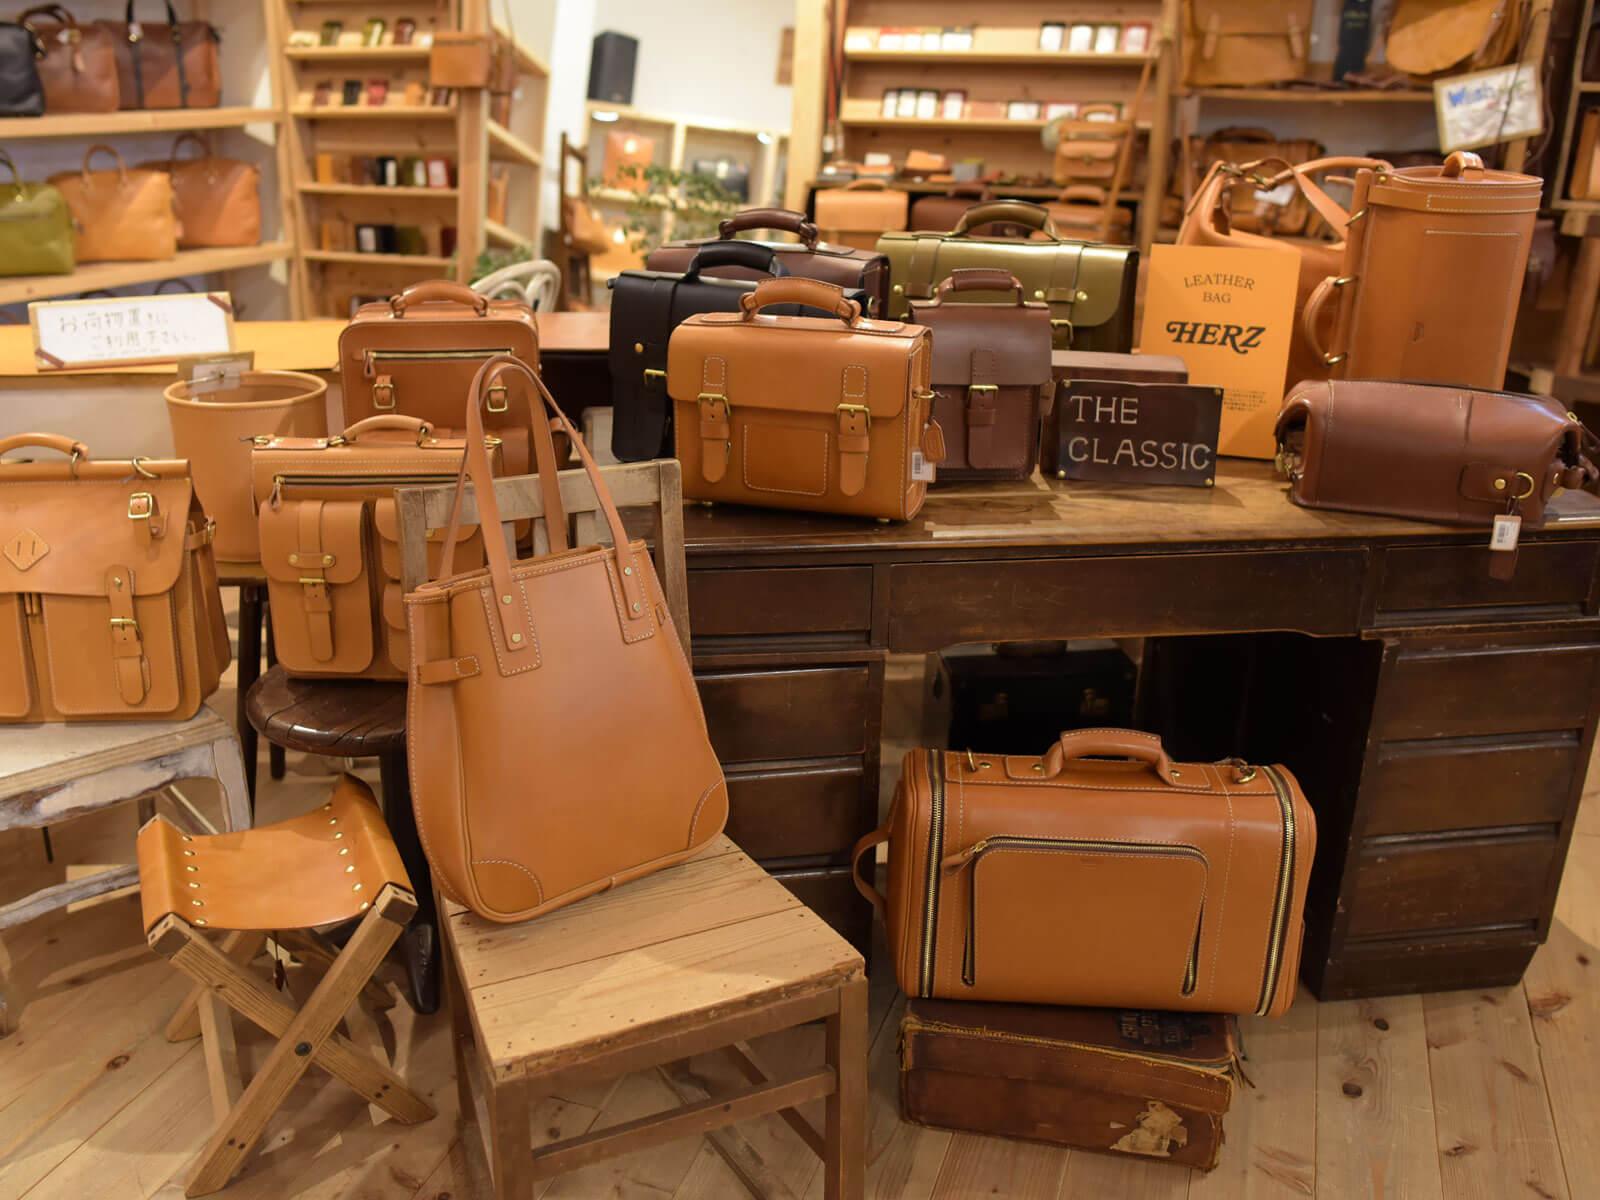 ヘルツらしいクラシックな革鞄たち